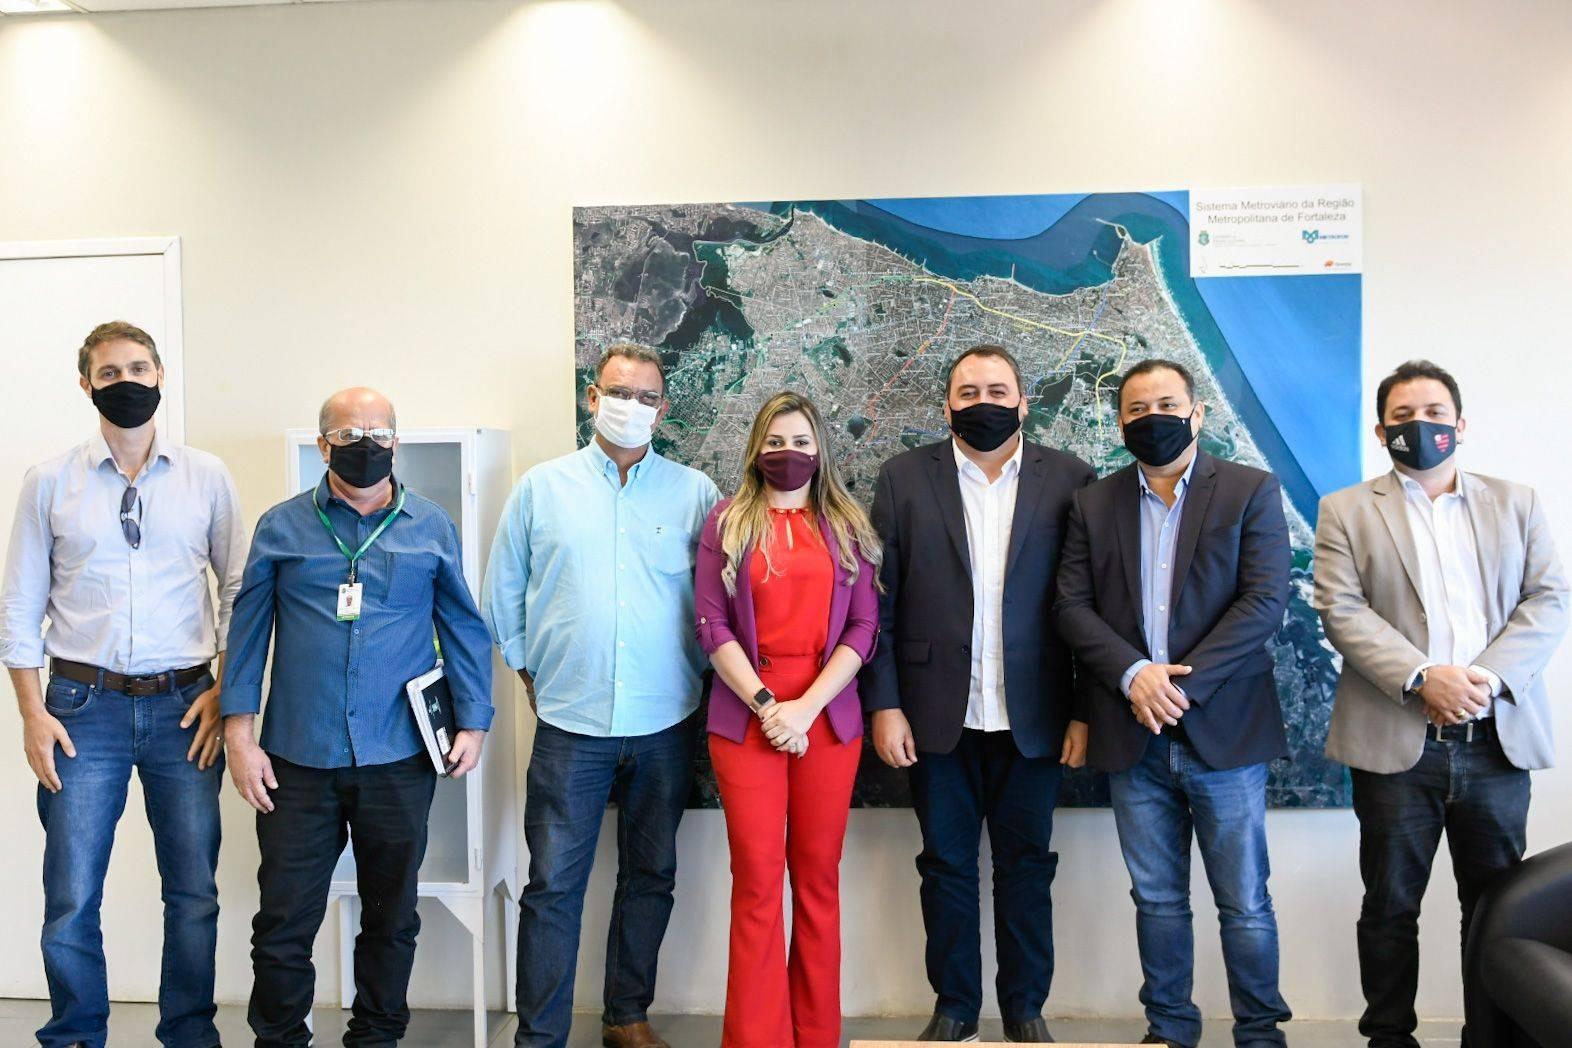 Metrofor recebe a visita de representantes do Metrô do Piauí